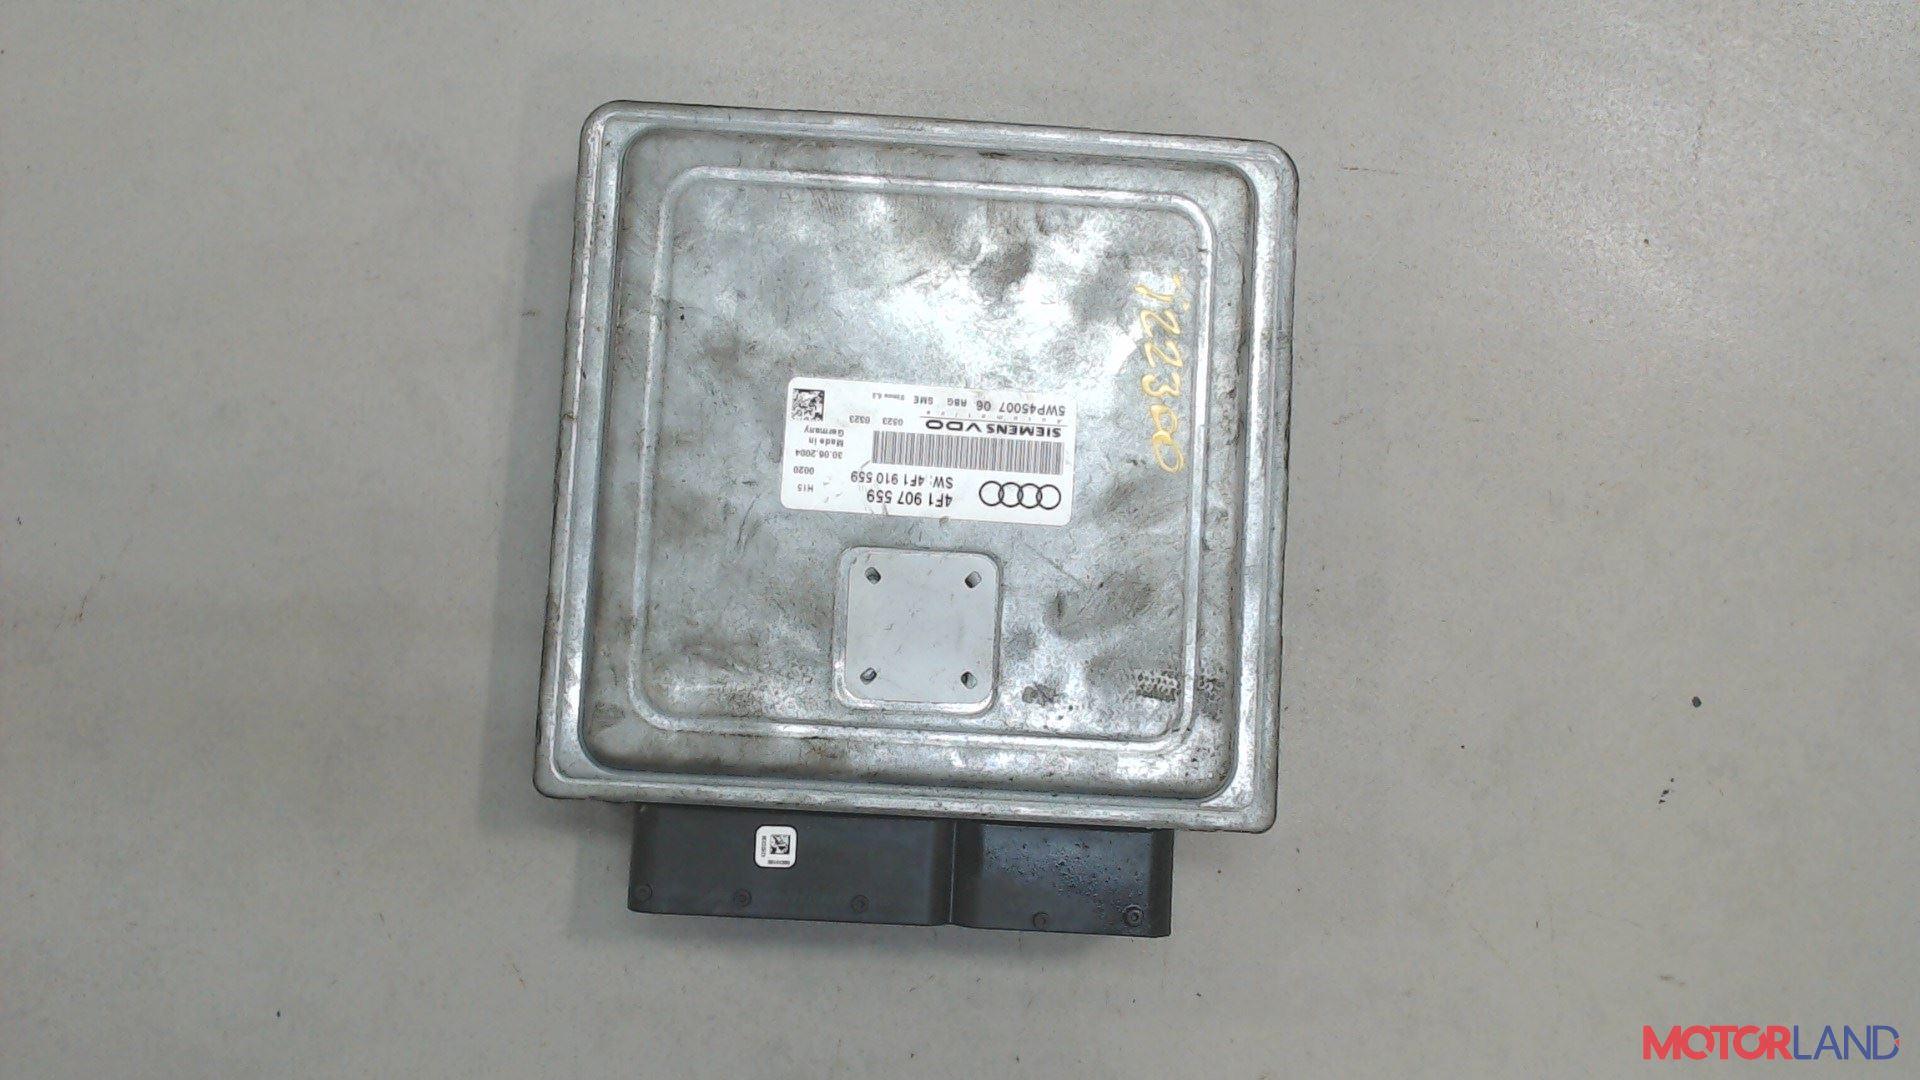 Блок управления (ЭБУ) Audi A6 (C6) 2005-2011 3.2 л. 2005 AUK б/у #2